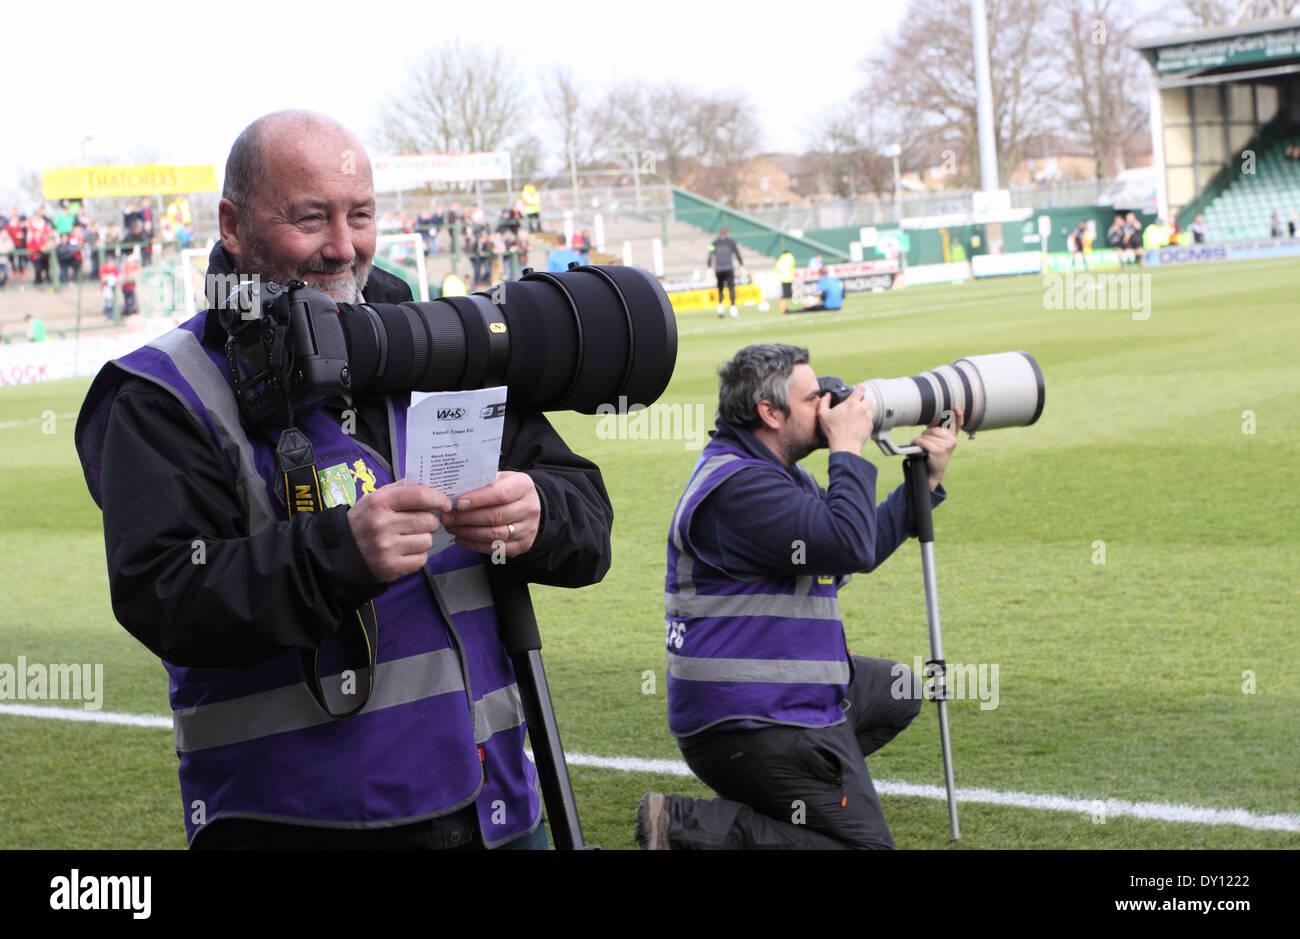 Presse Sport Fotografen Bei Fussball Liga Entsprechen